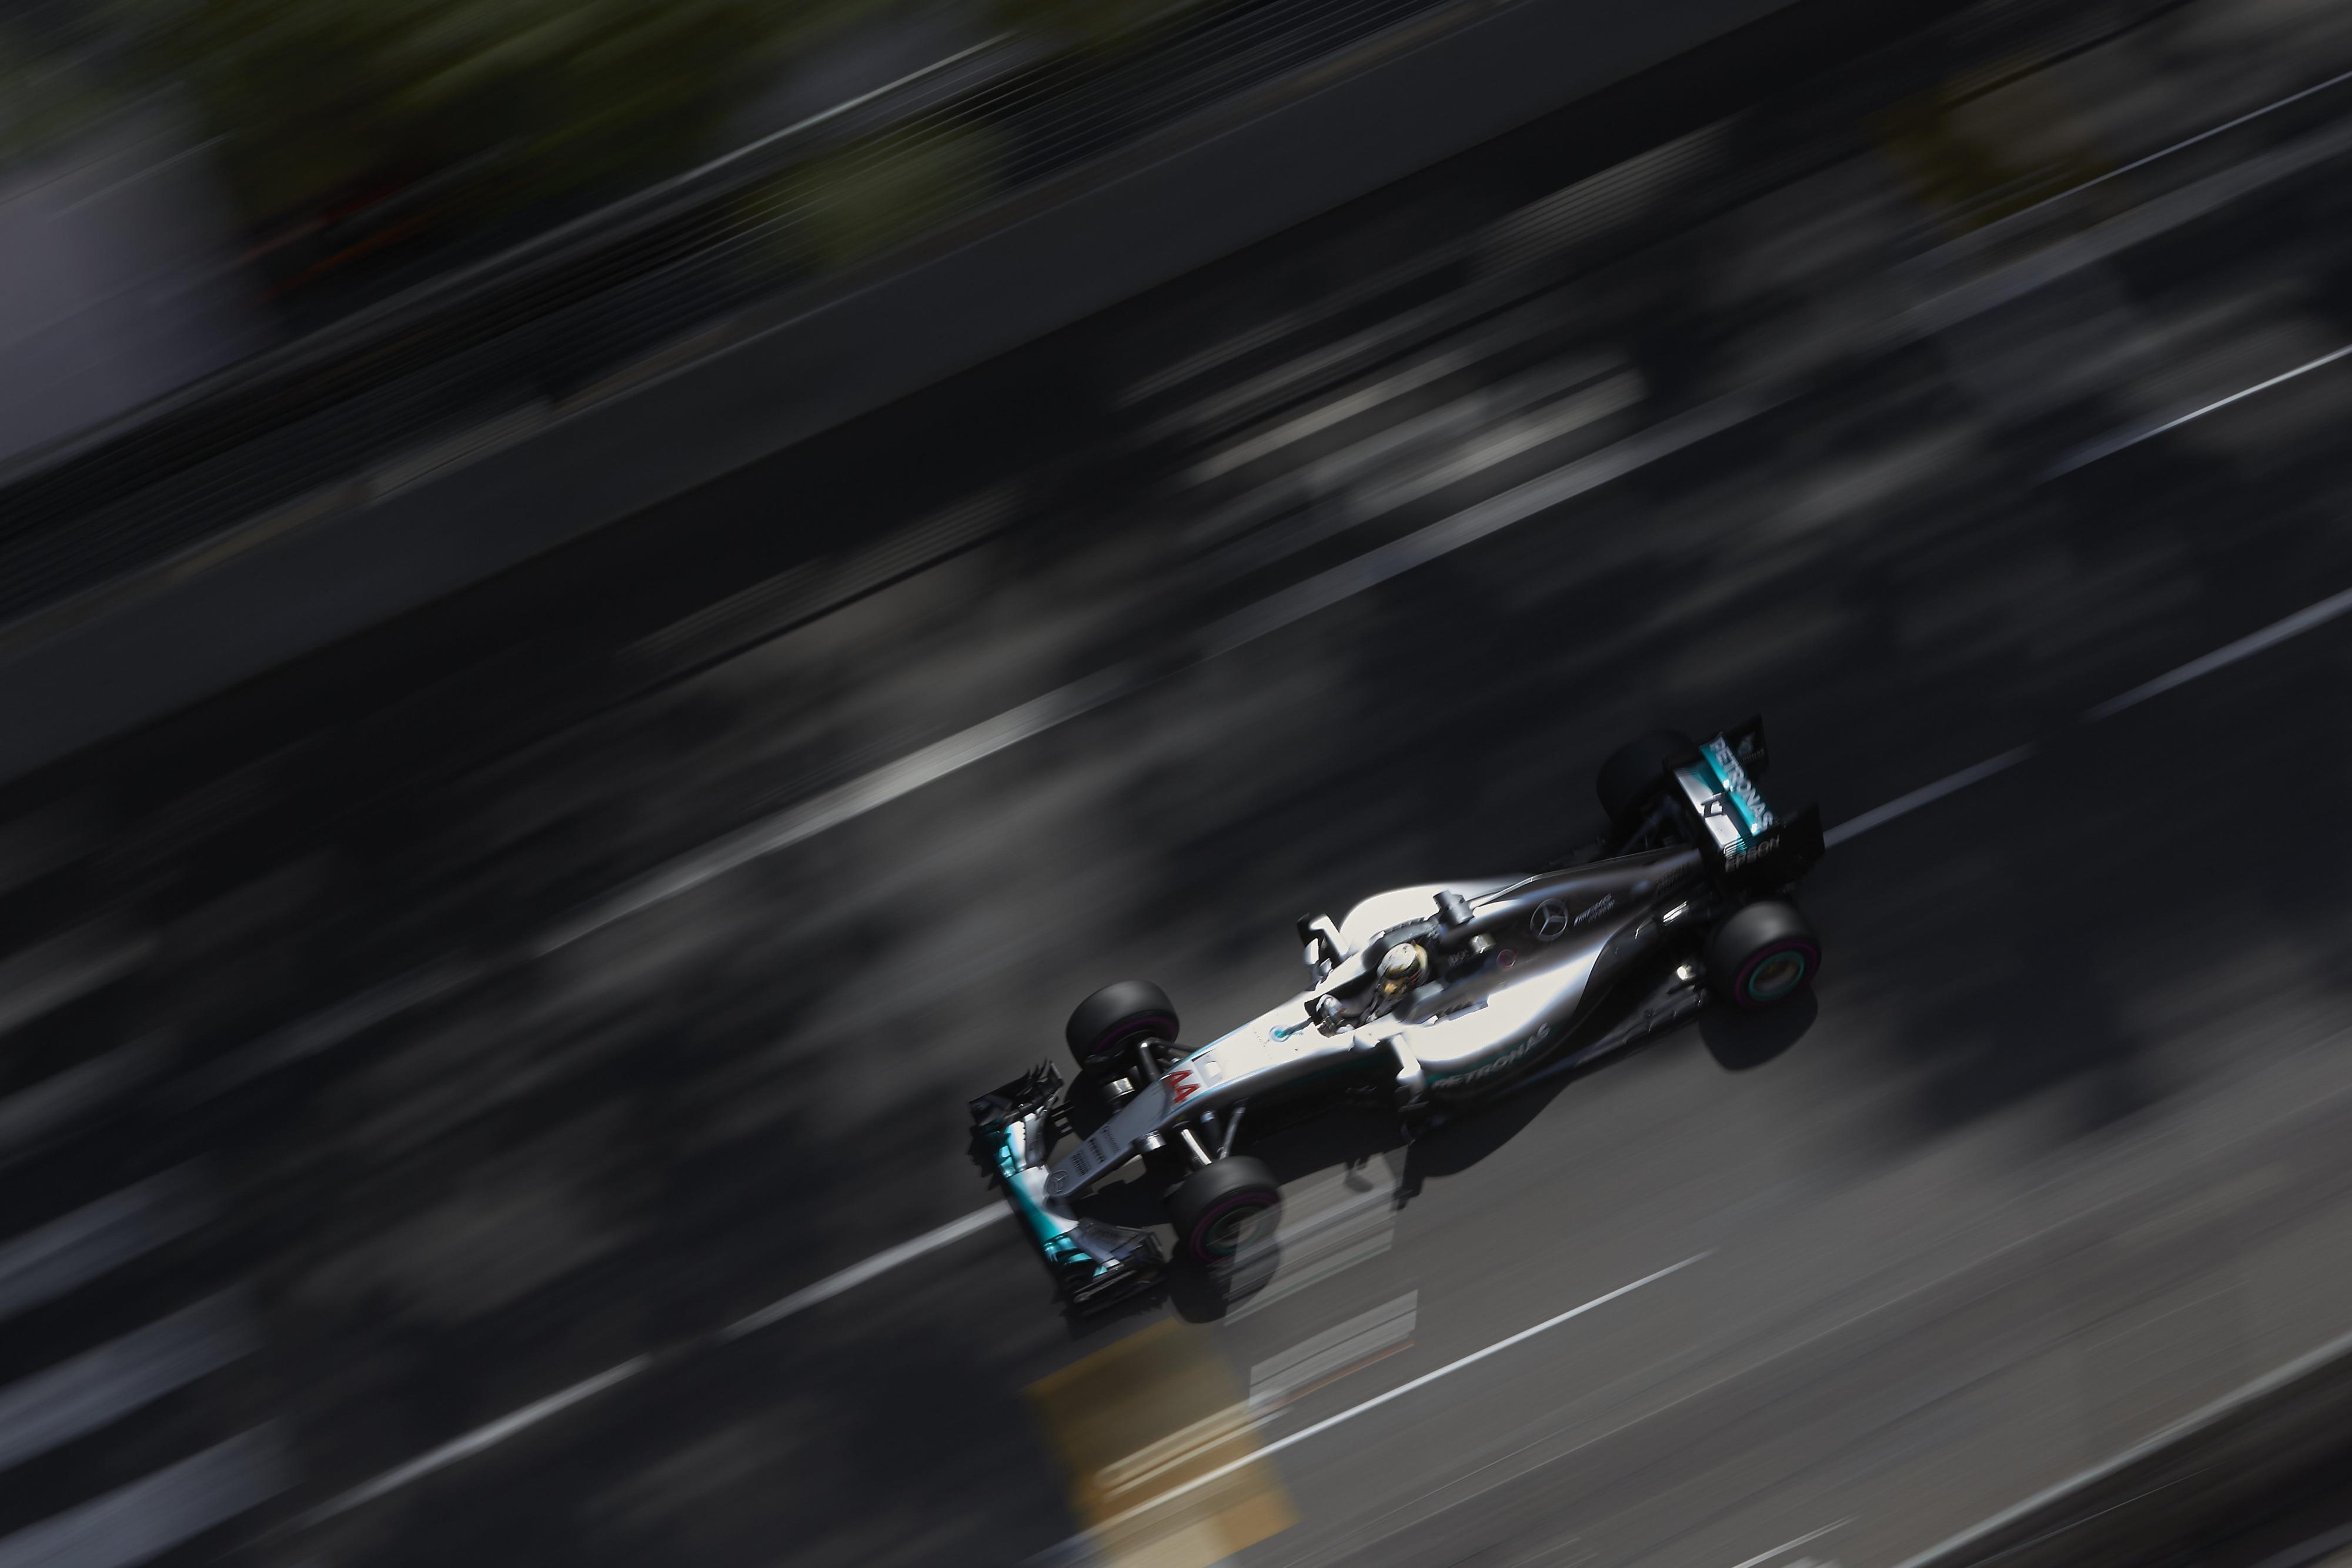 Lewis Hamilton drives his Mercedes W07 at Monaco